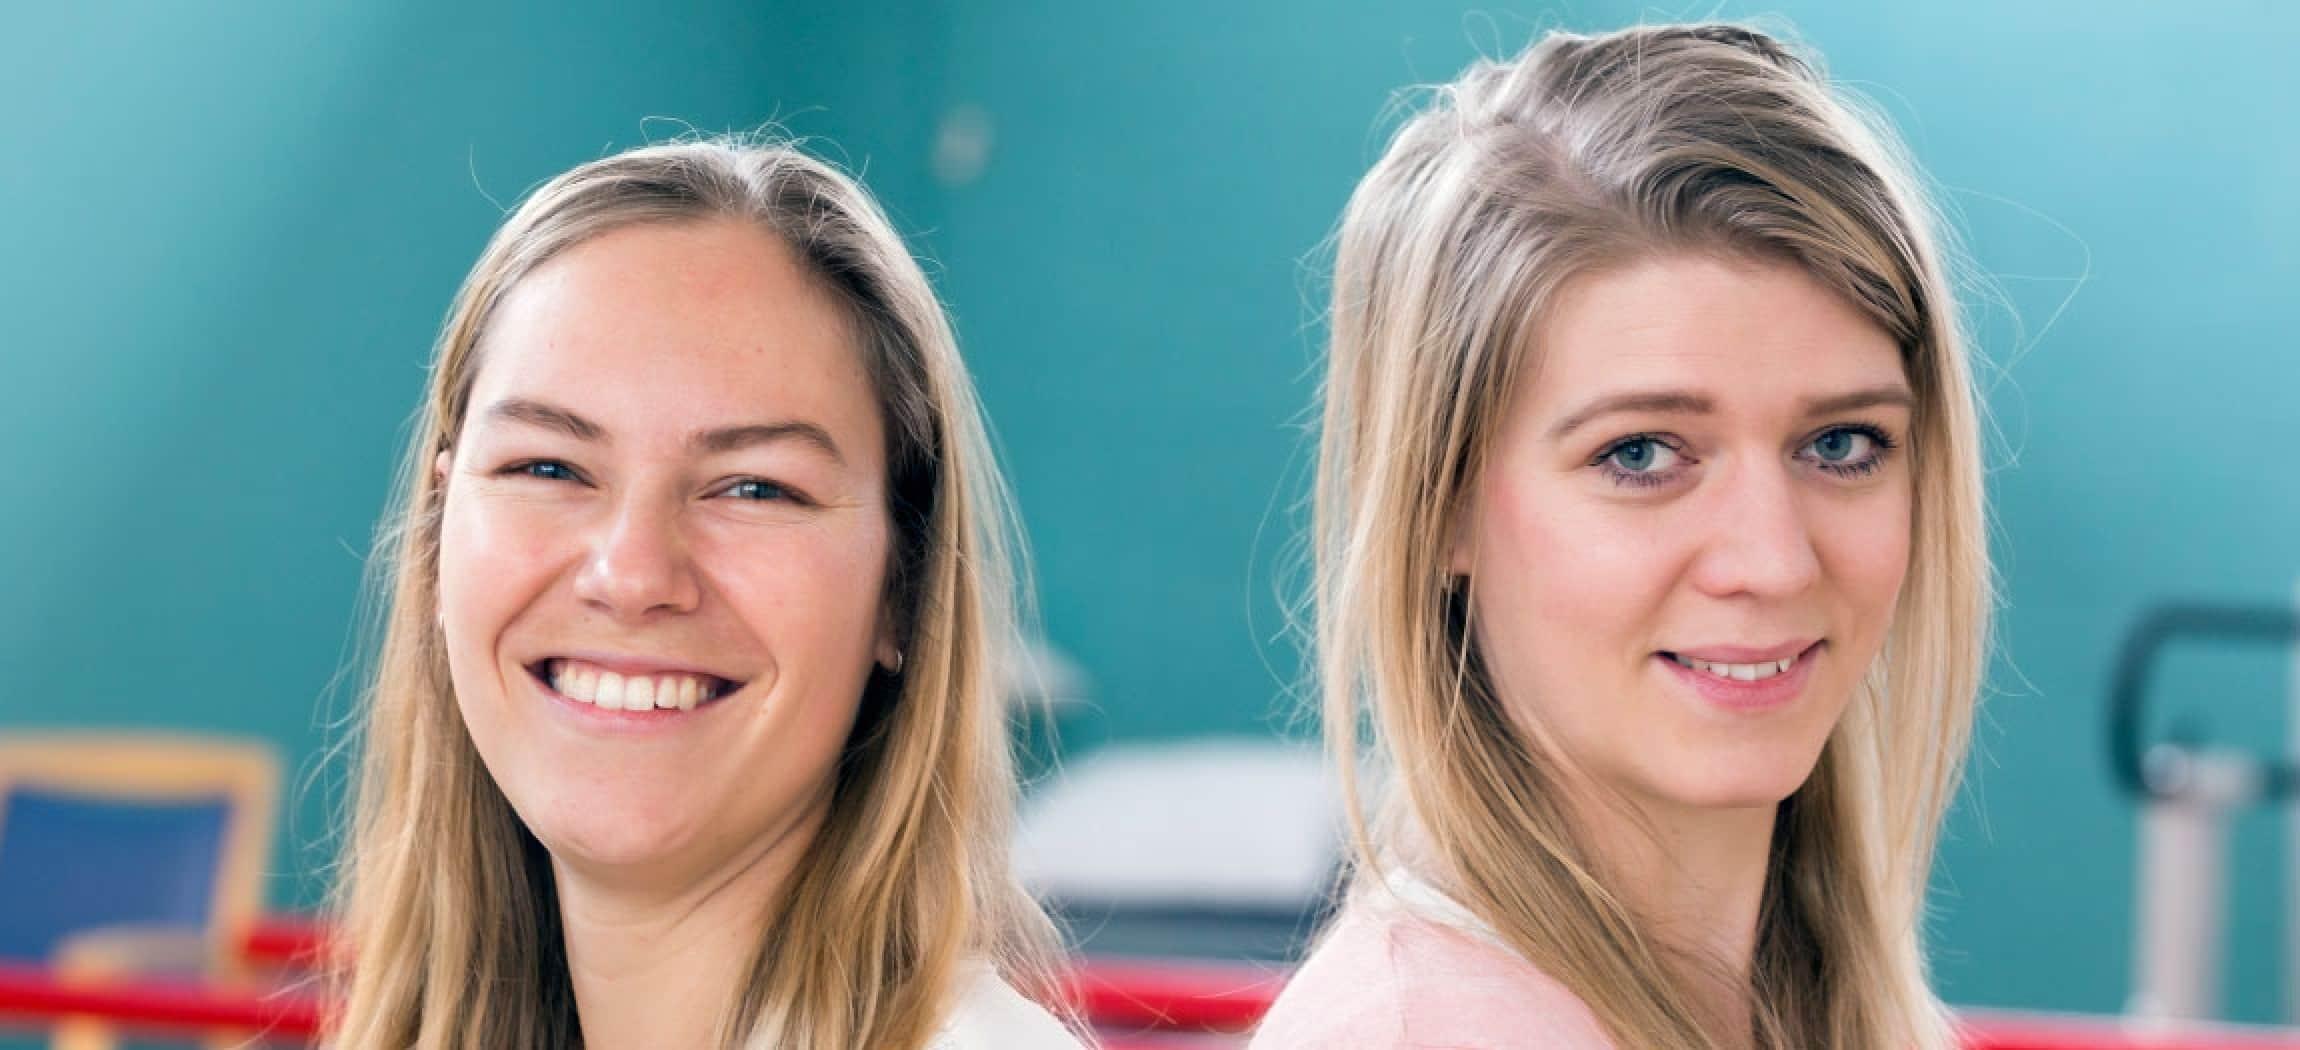 Fysiotherapeut en ergotherapeut twee collega's met blond haar in oefenruimte